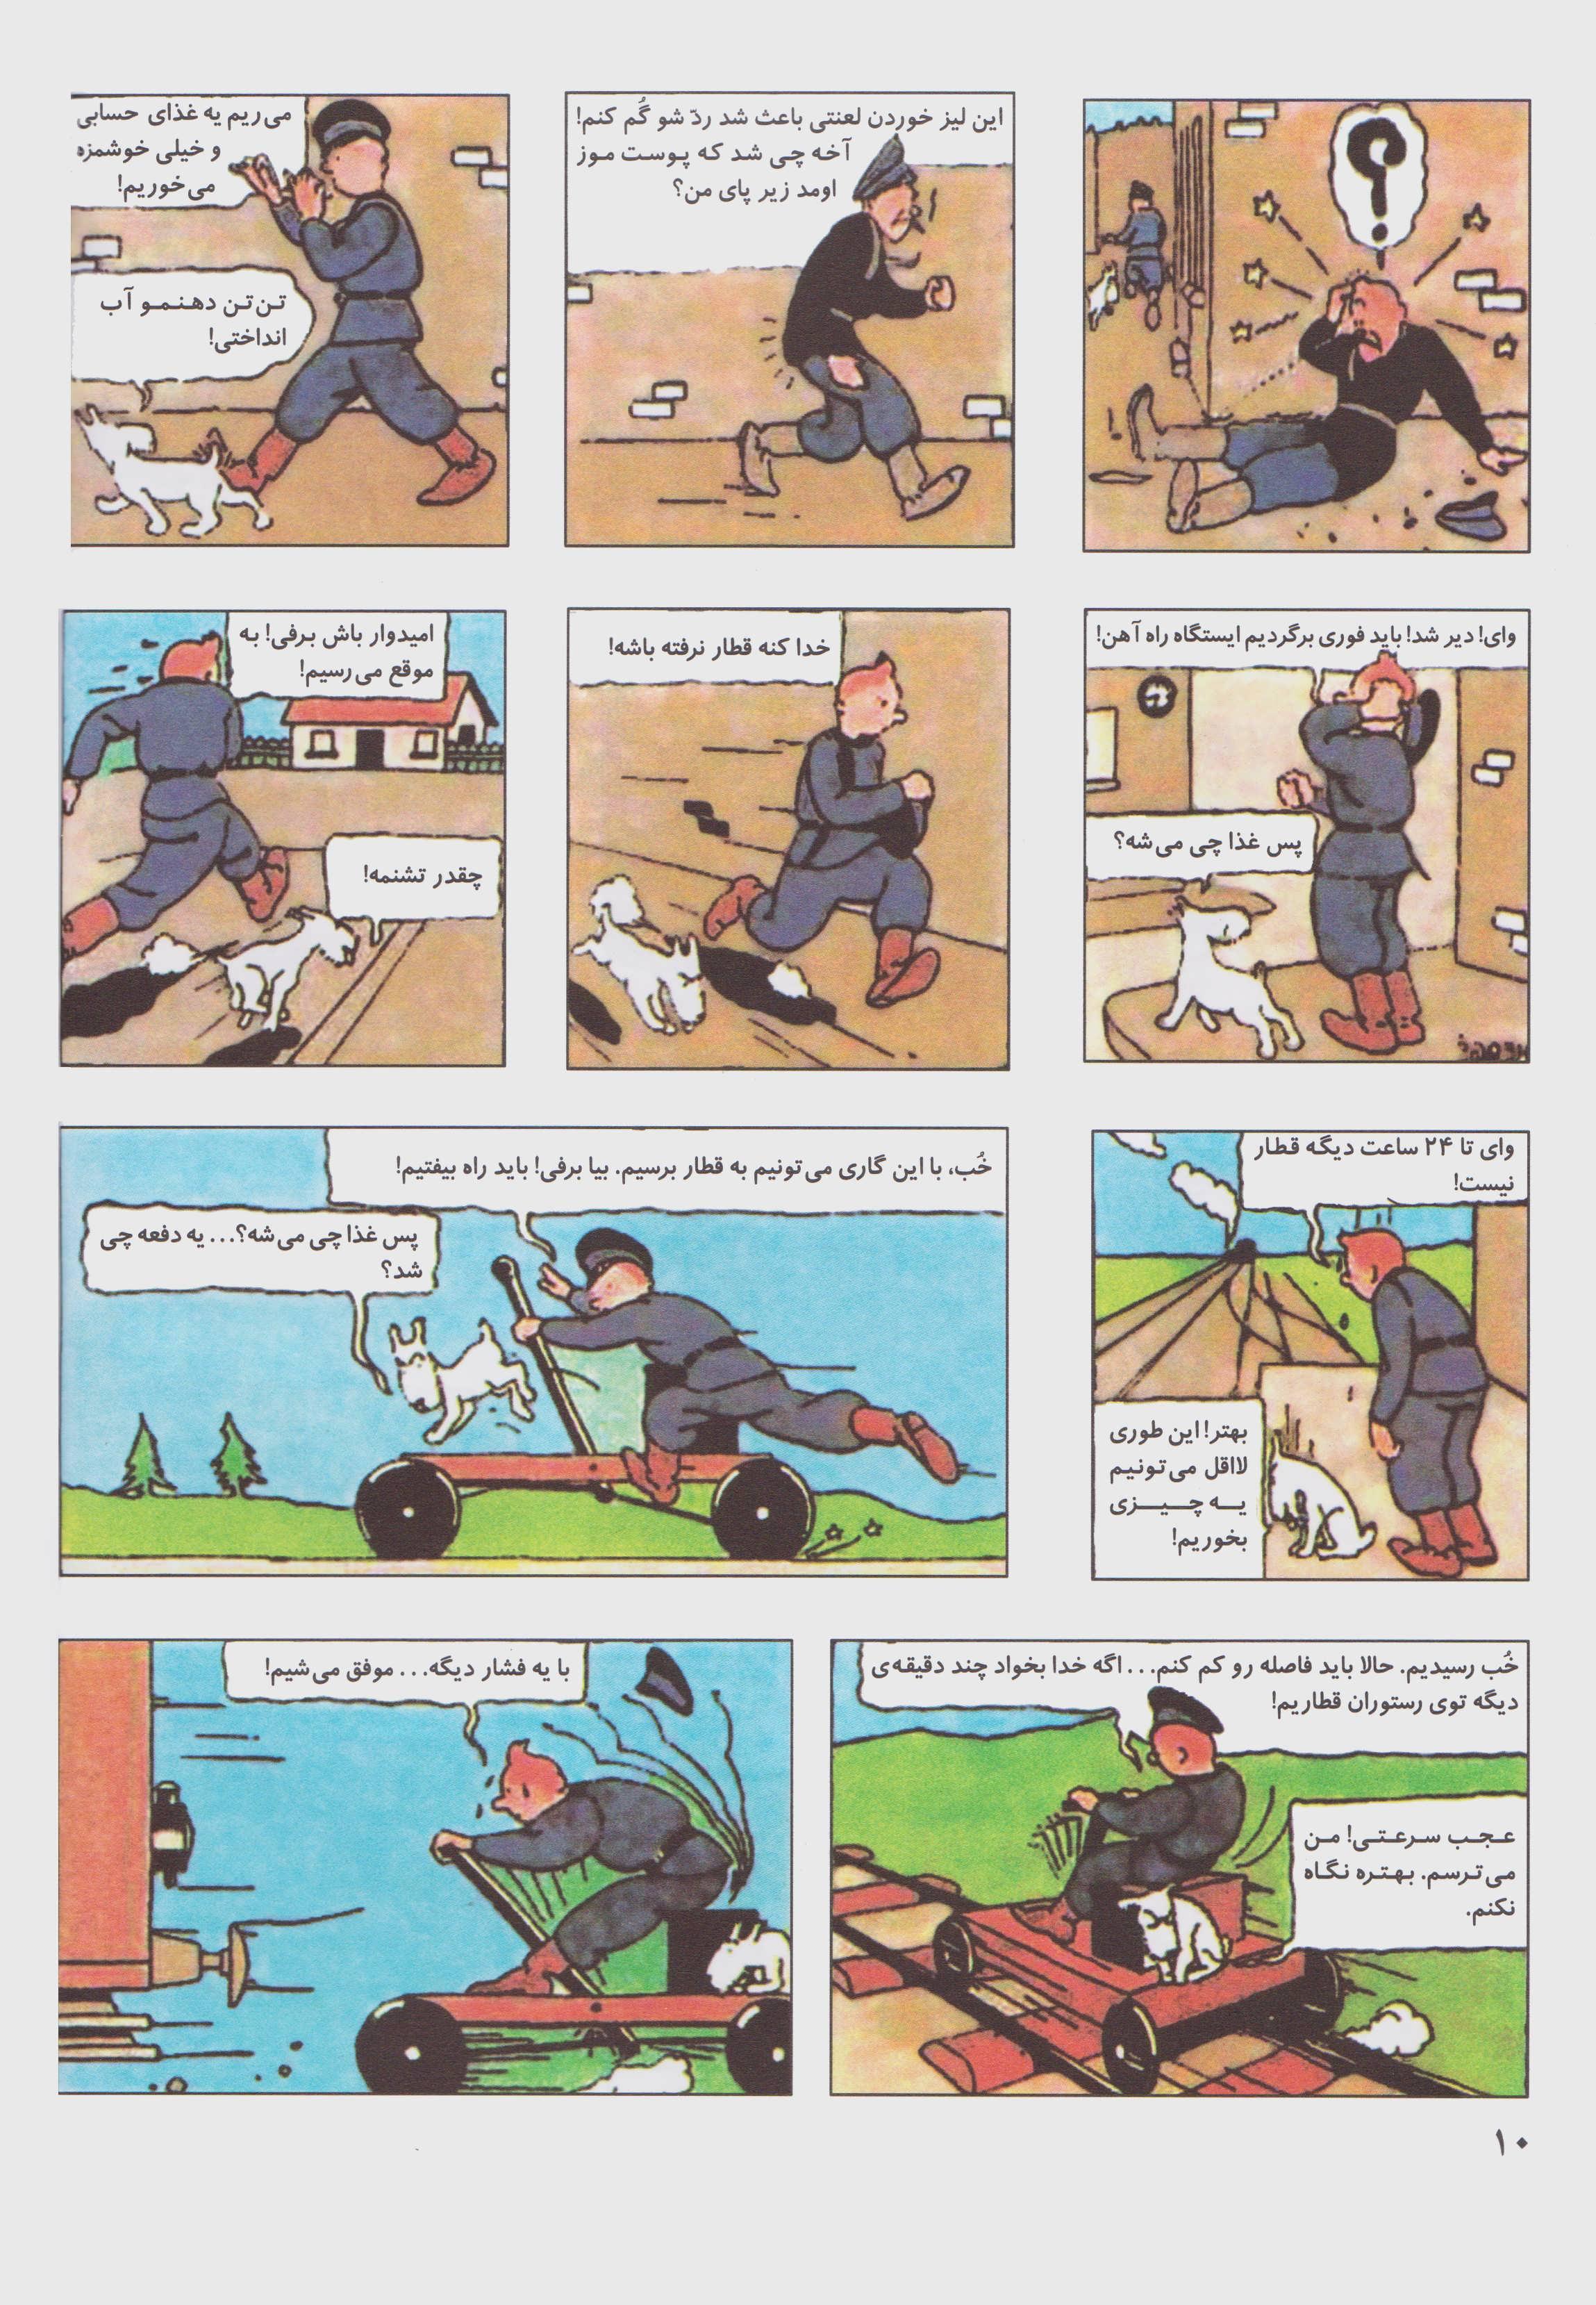 تن تن 1 (فرار از شوروی)